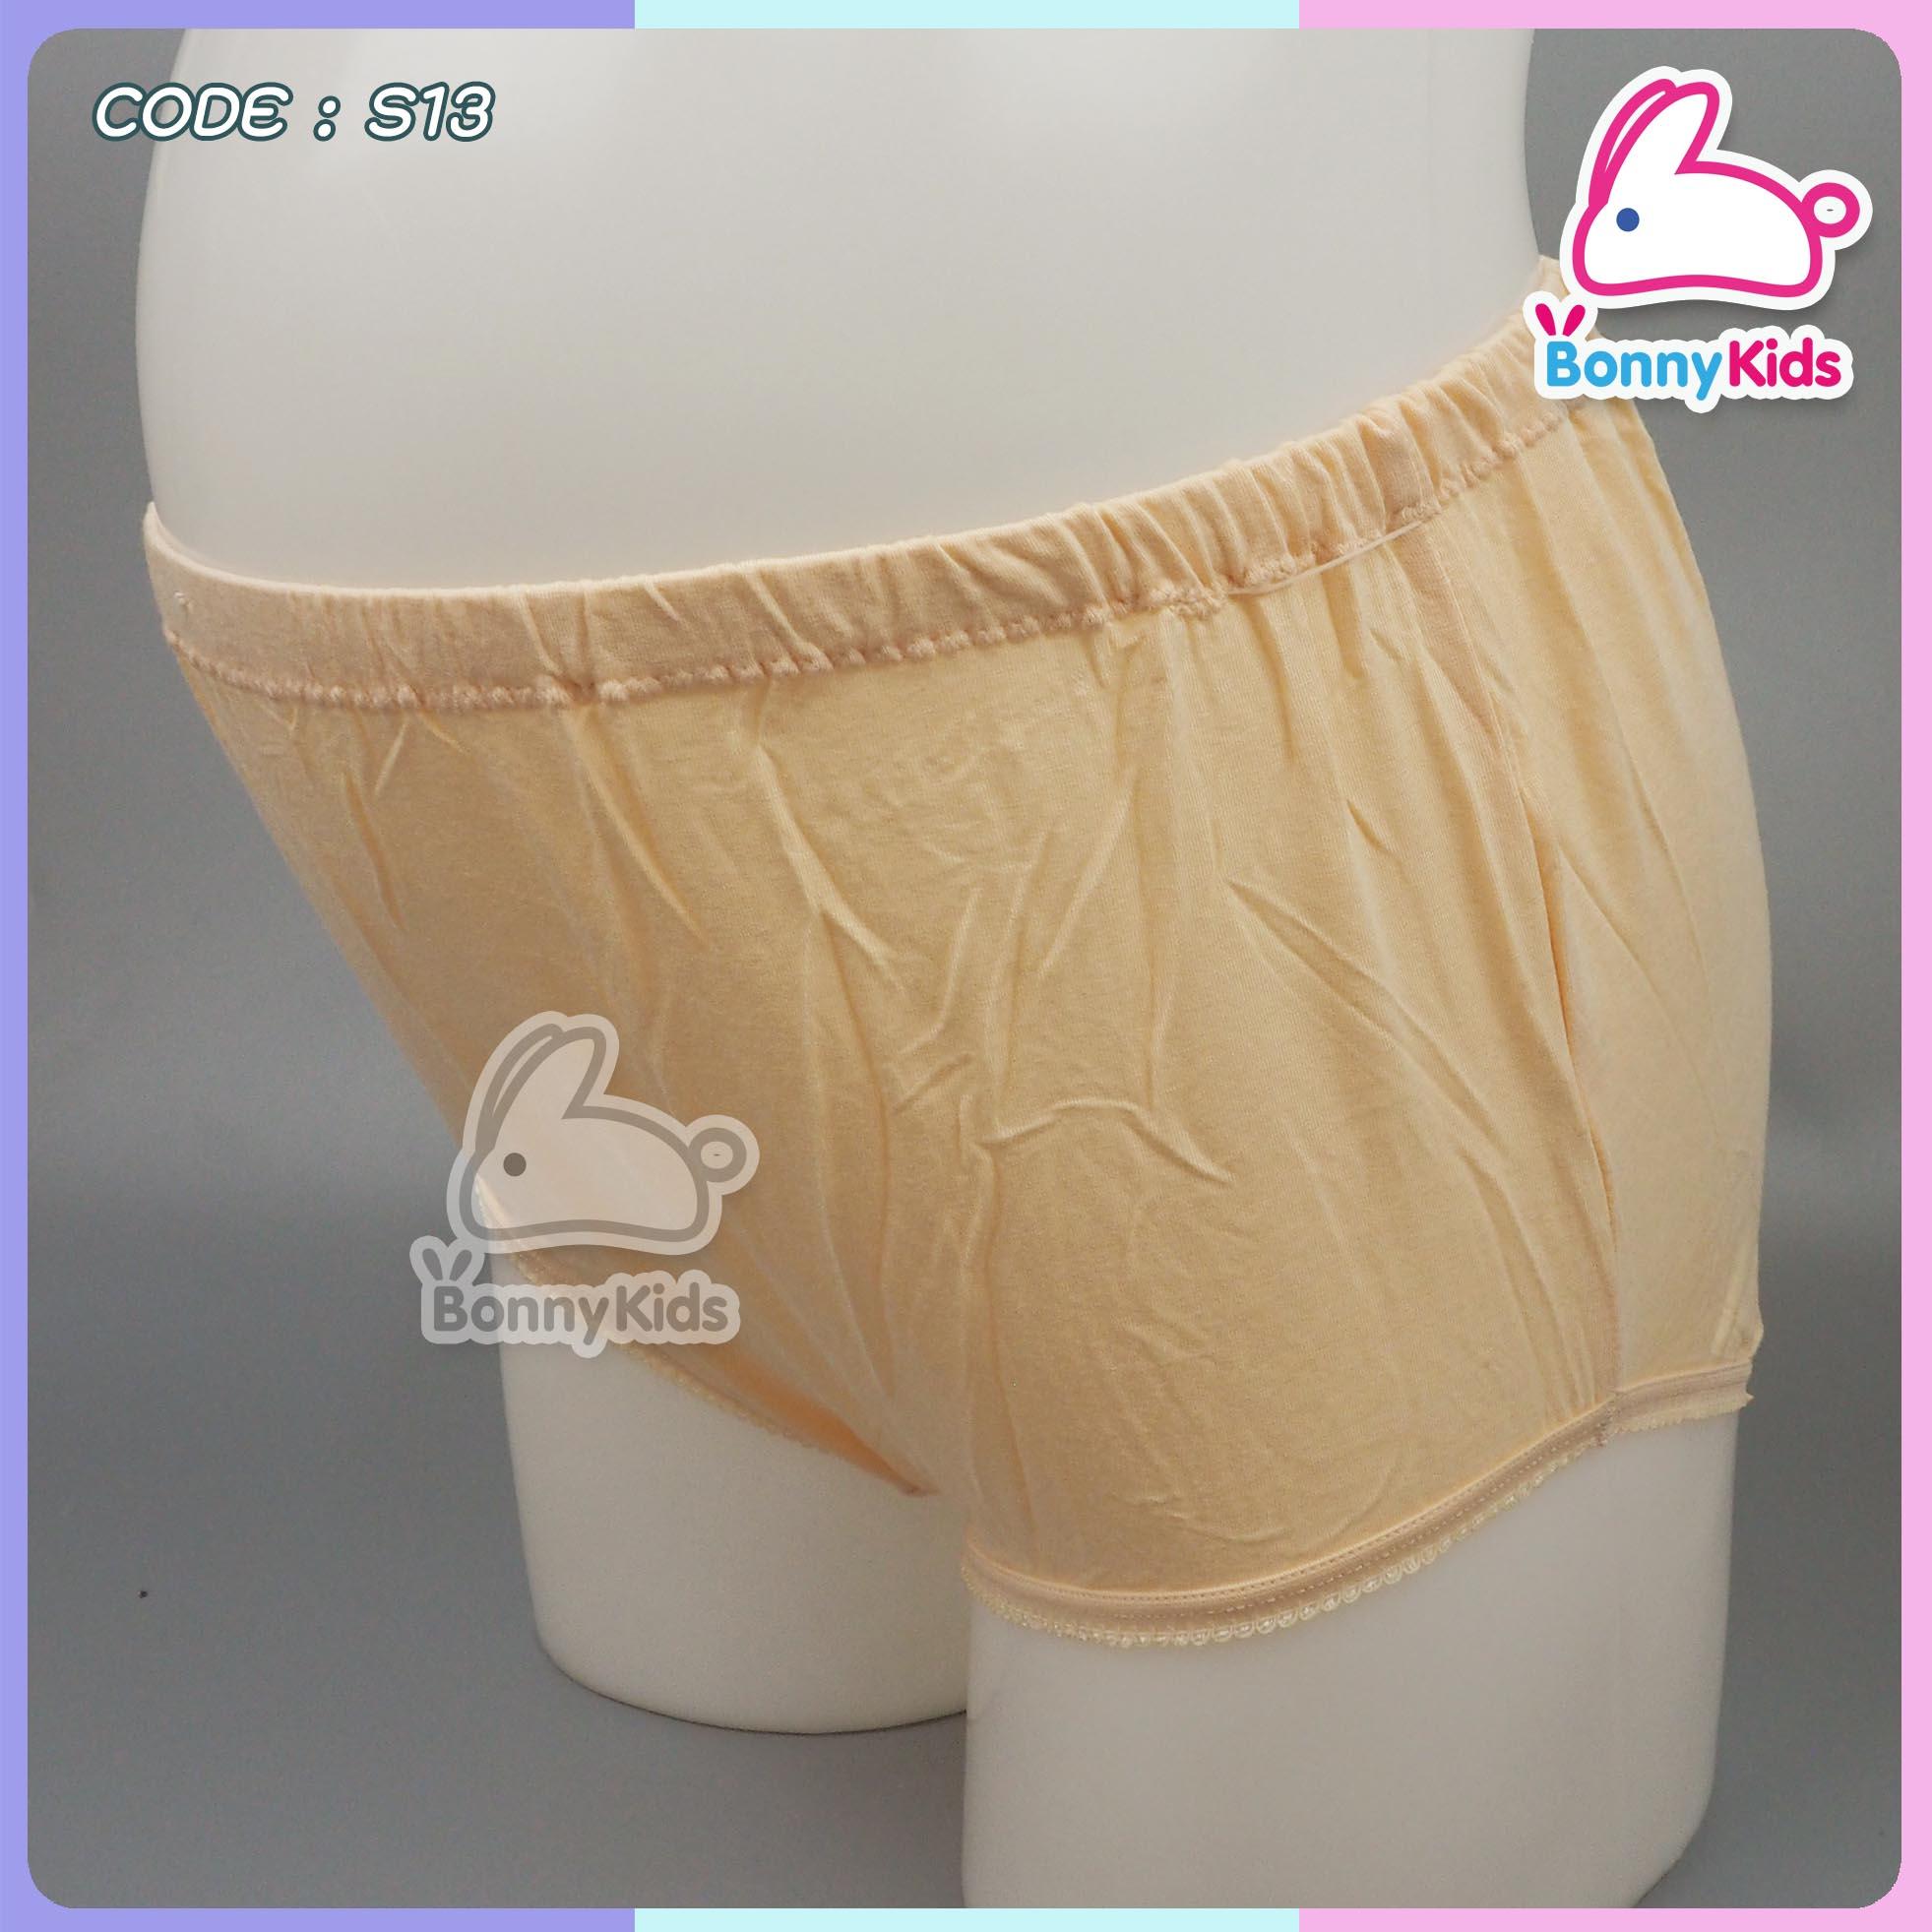 กางเกงในคนท้อง (พยุงครรภ์) ปรับขนาดเอวได้ สีโอรส